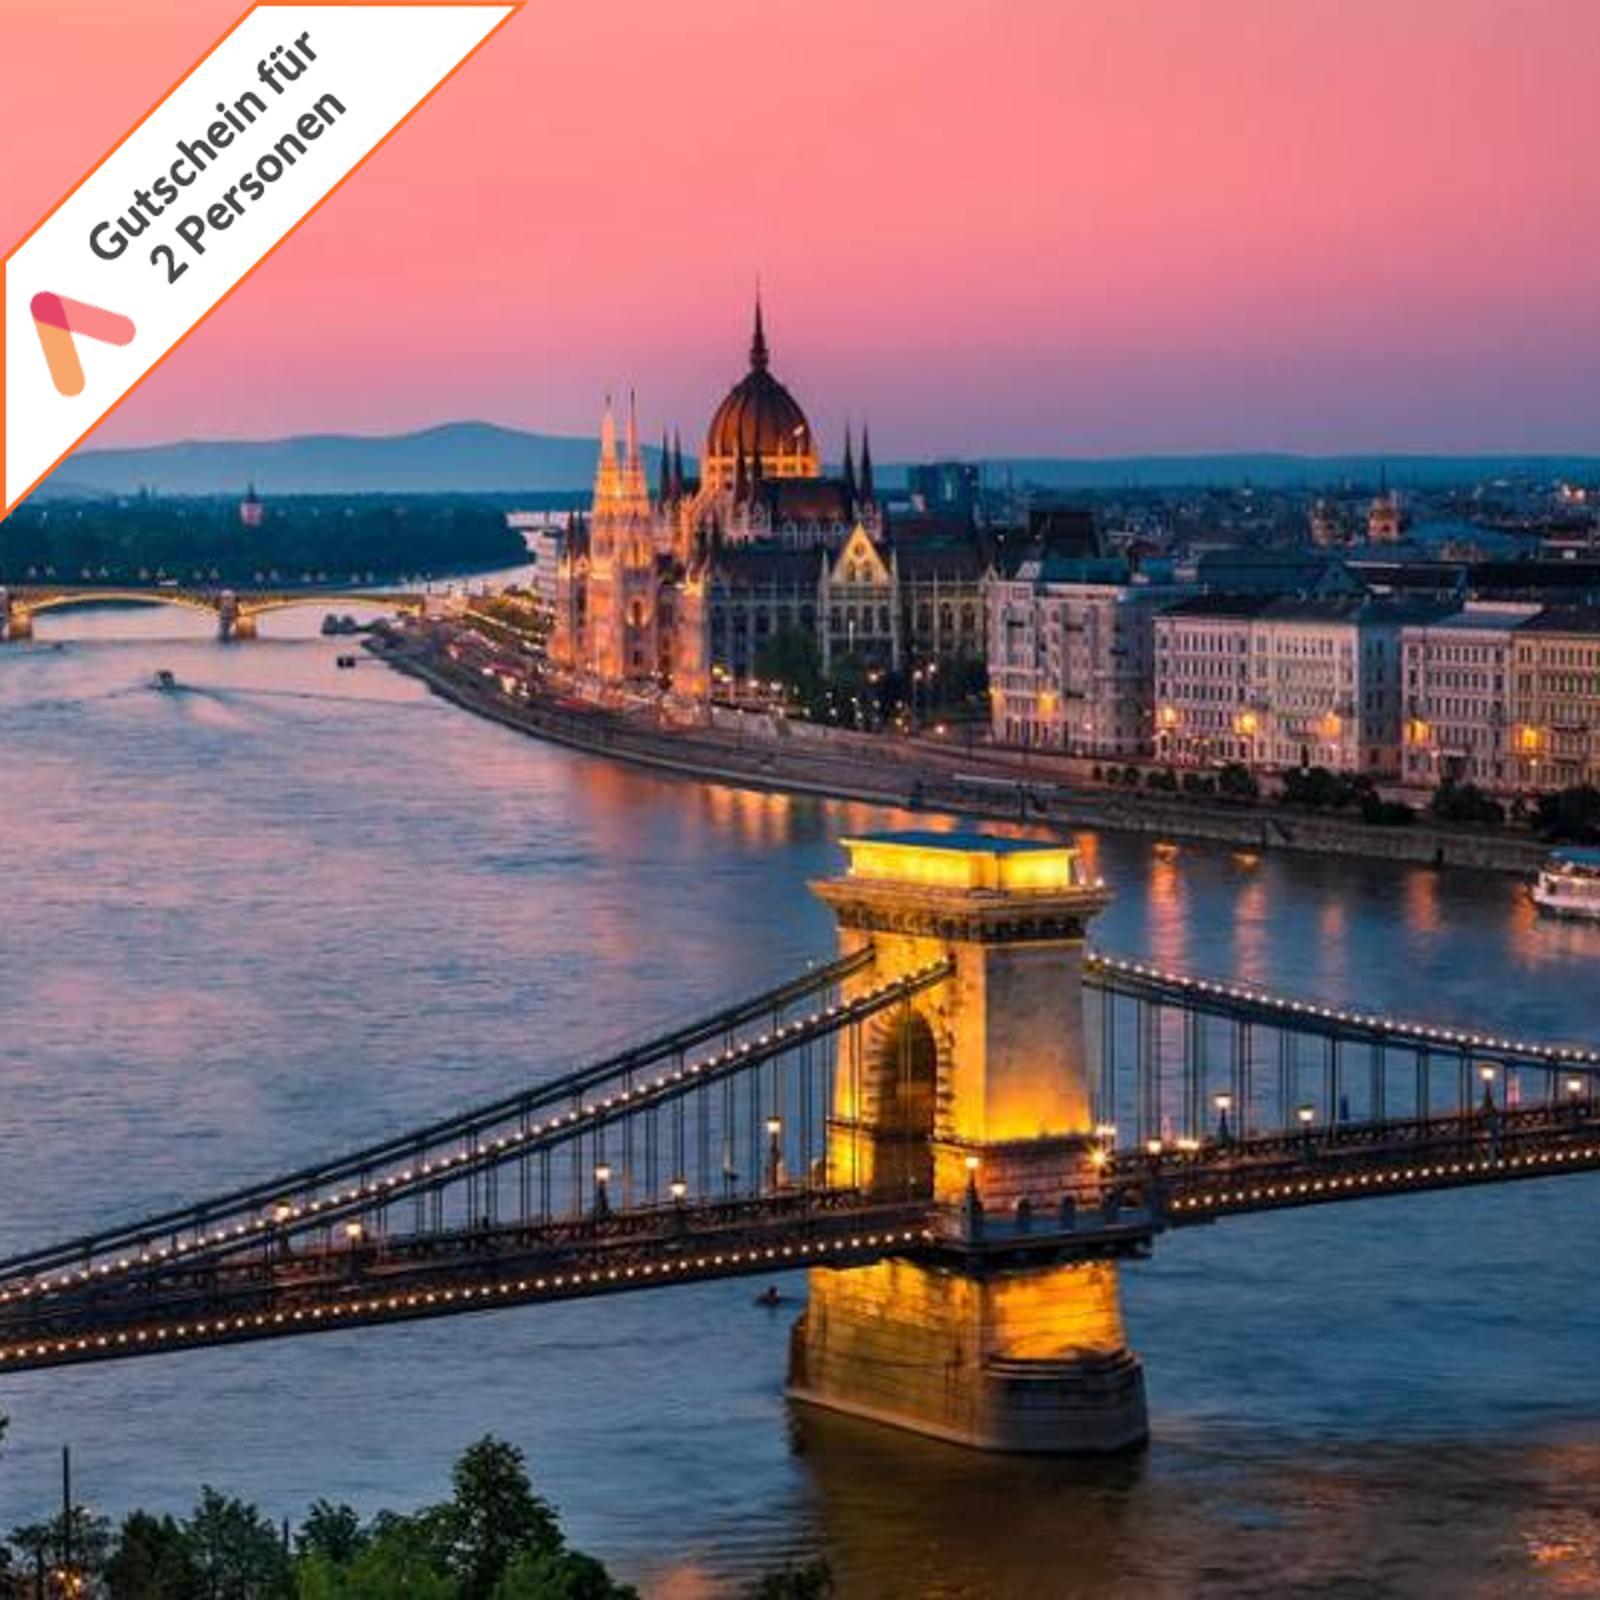 Kurzreise Budapest Ungarn 3 Tage 2 Personen 4 Sterne Radisson Hotel Gutschein